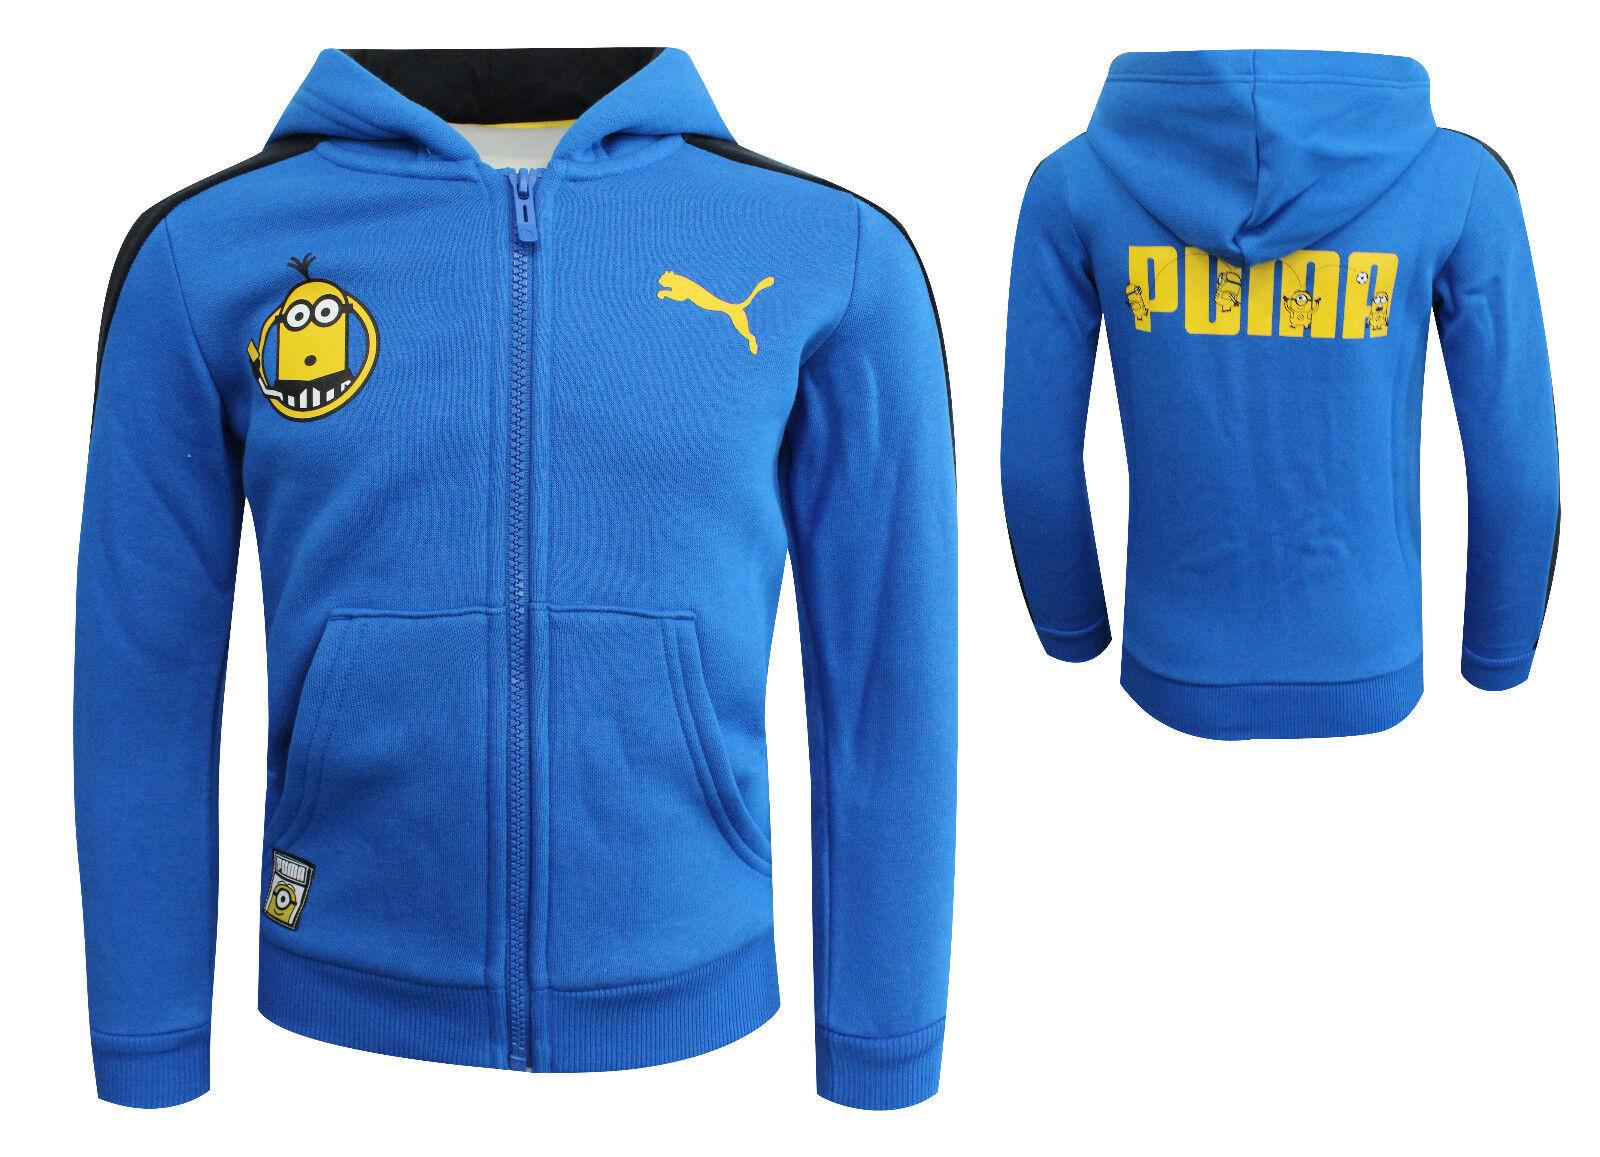 Detalles de Puma Minions NIÑOS CREMALLERA ARRIBA Chaqueta Sudadera con capucha de jóvenes Azul 592552 03 P5 ver título original